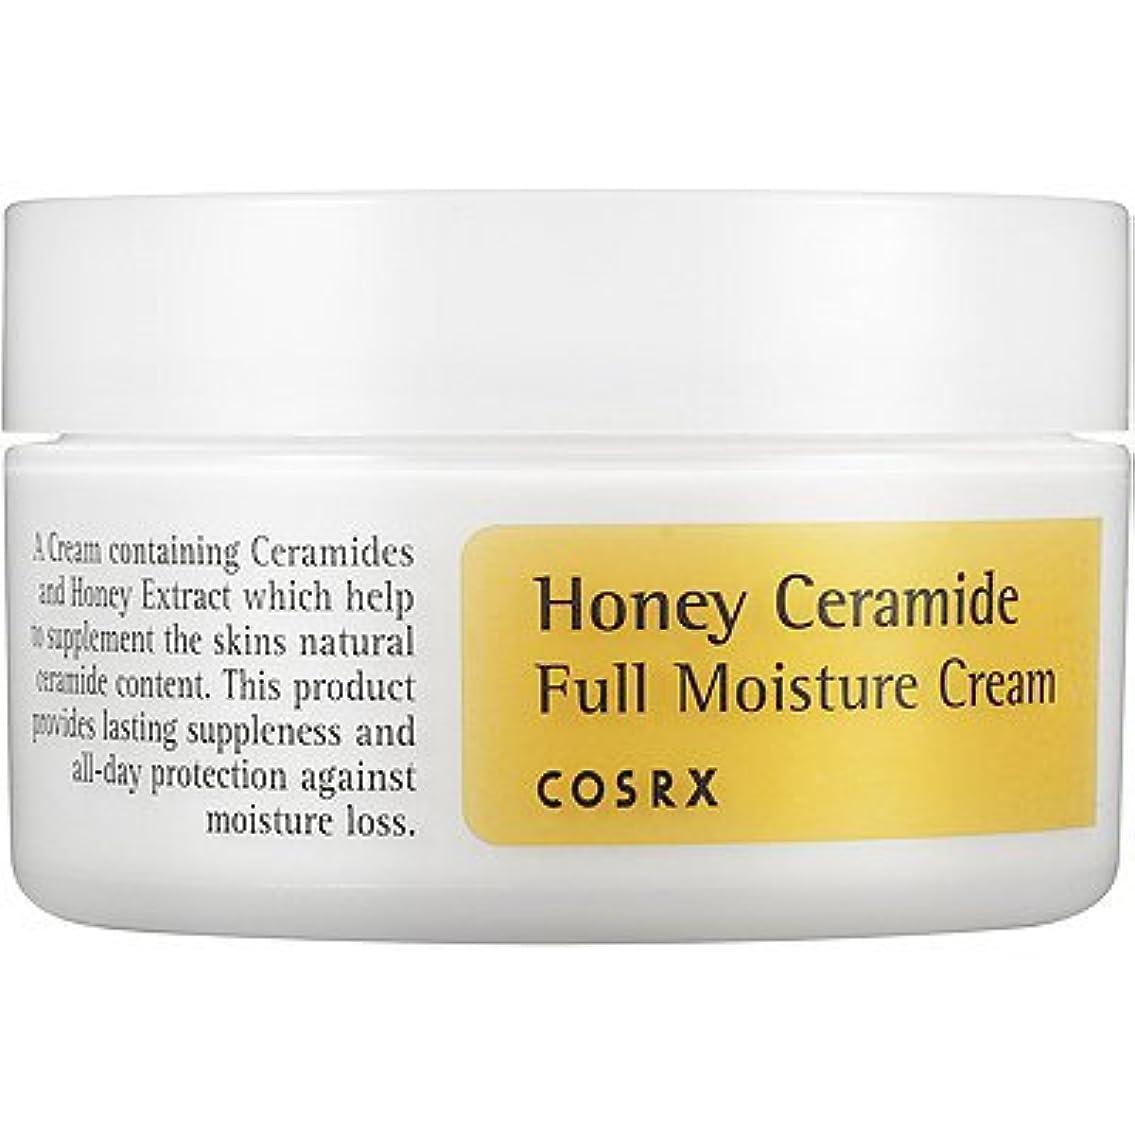 その他シエスタ接触COSRX Honey Ceramide Full Moisture Cream 50g/ハニーセラミド フル モイスチャークリーム -50g [並行輸入品]